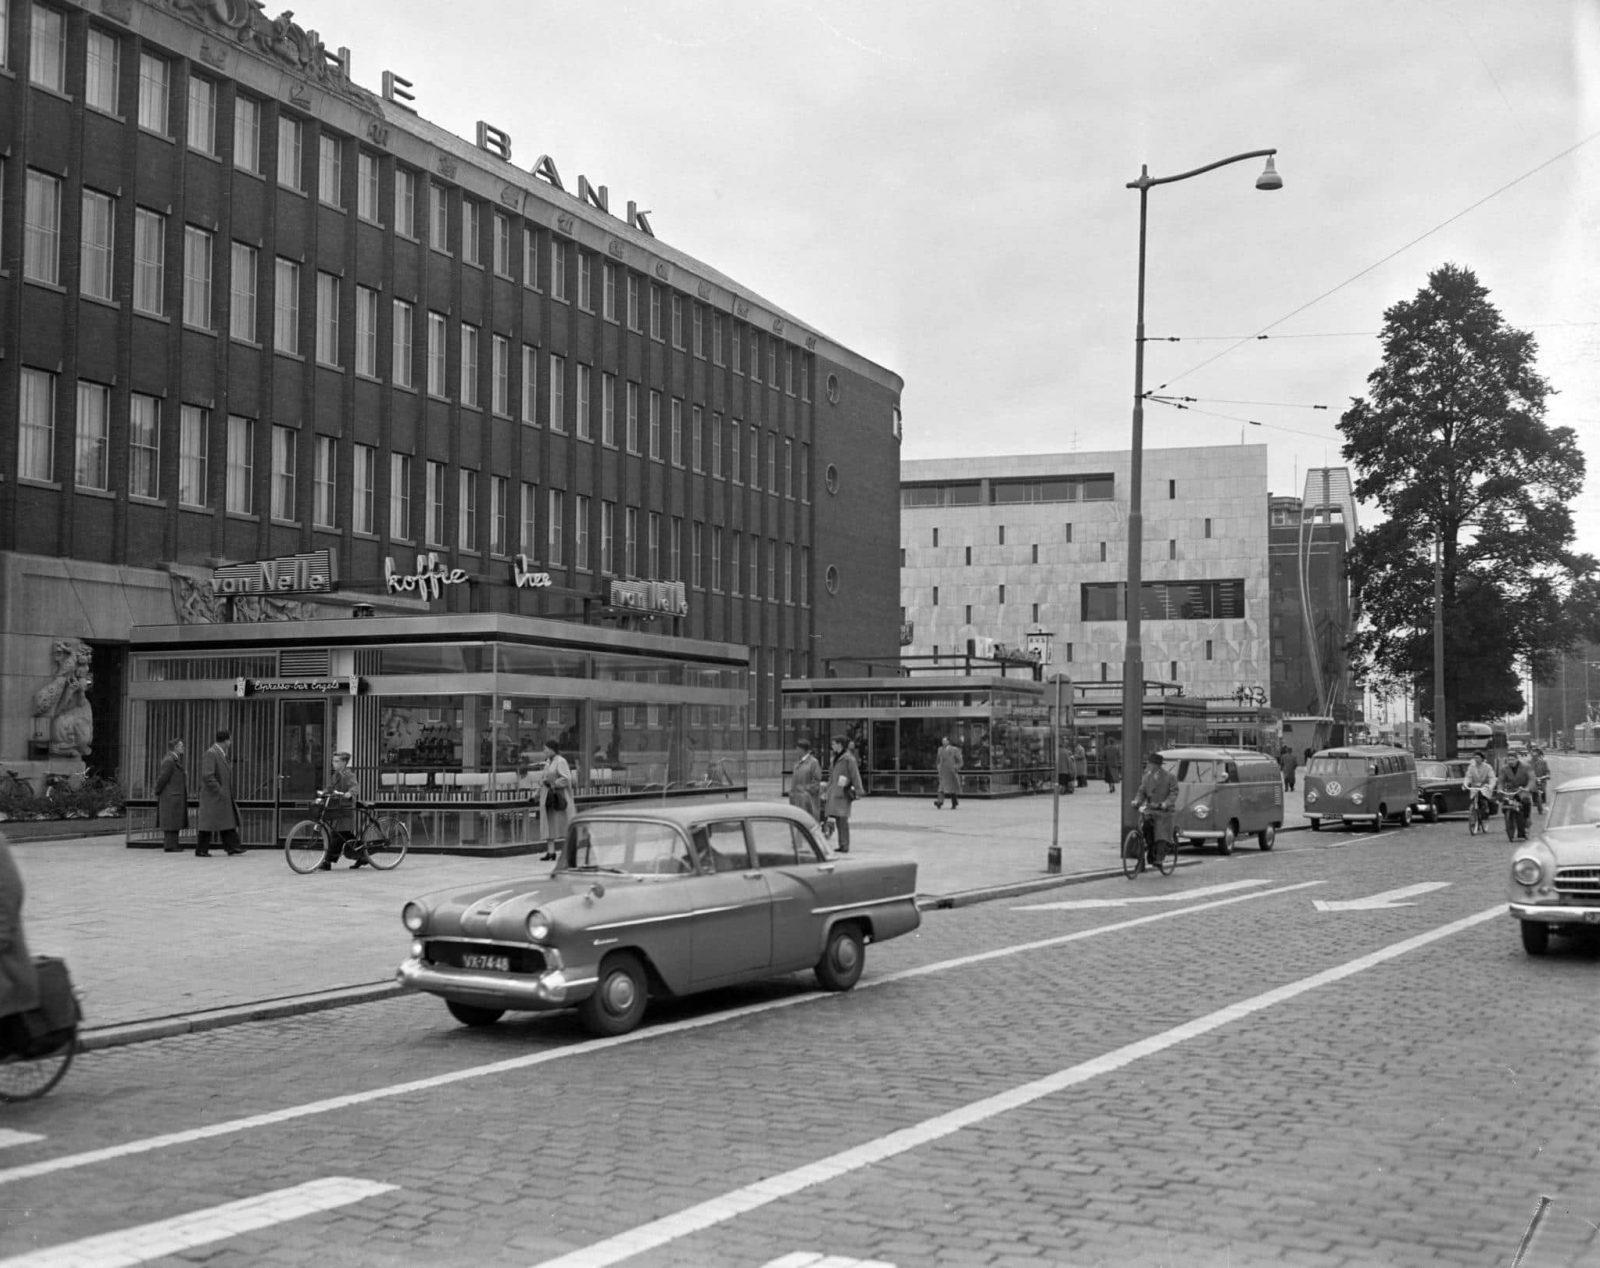 Rotterdamse Bank 5